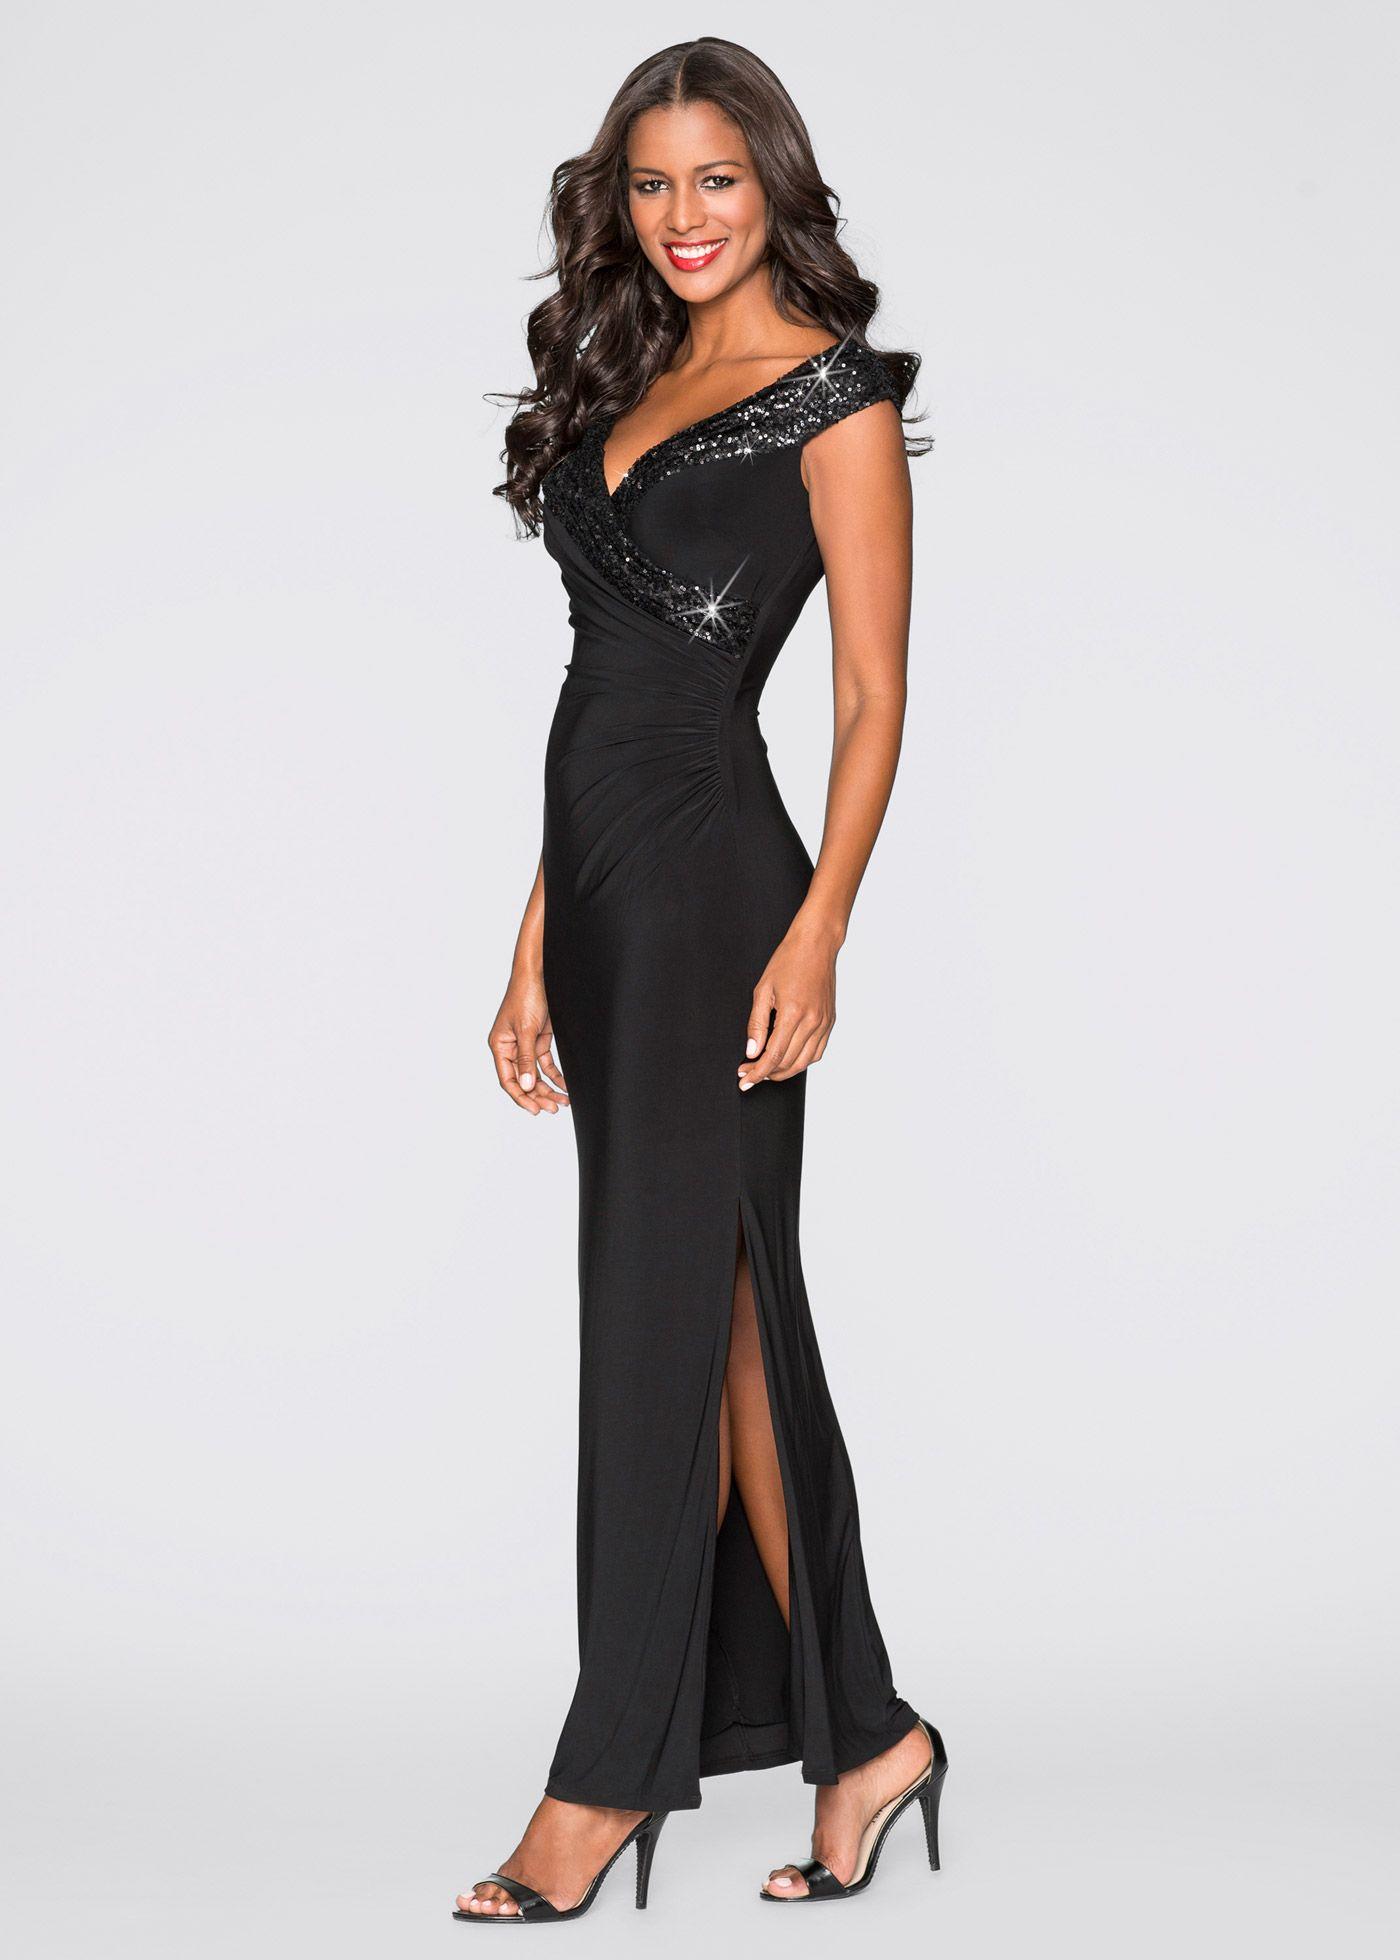 329ff9ca0fa Abendkleid schwarz - BODYFLIRT boutique jetzt im Online Shop von bonprix.de  ab   59